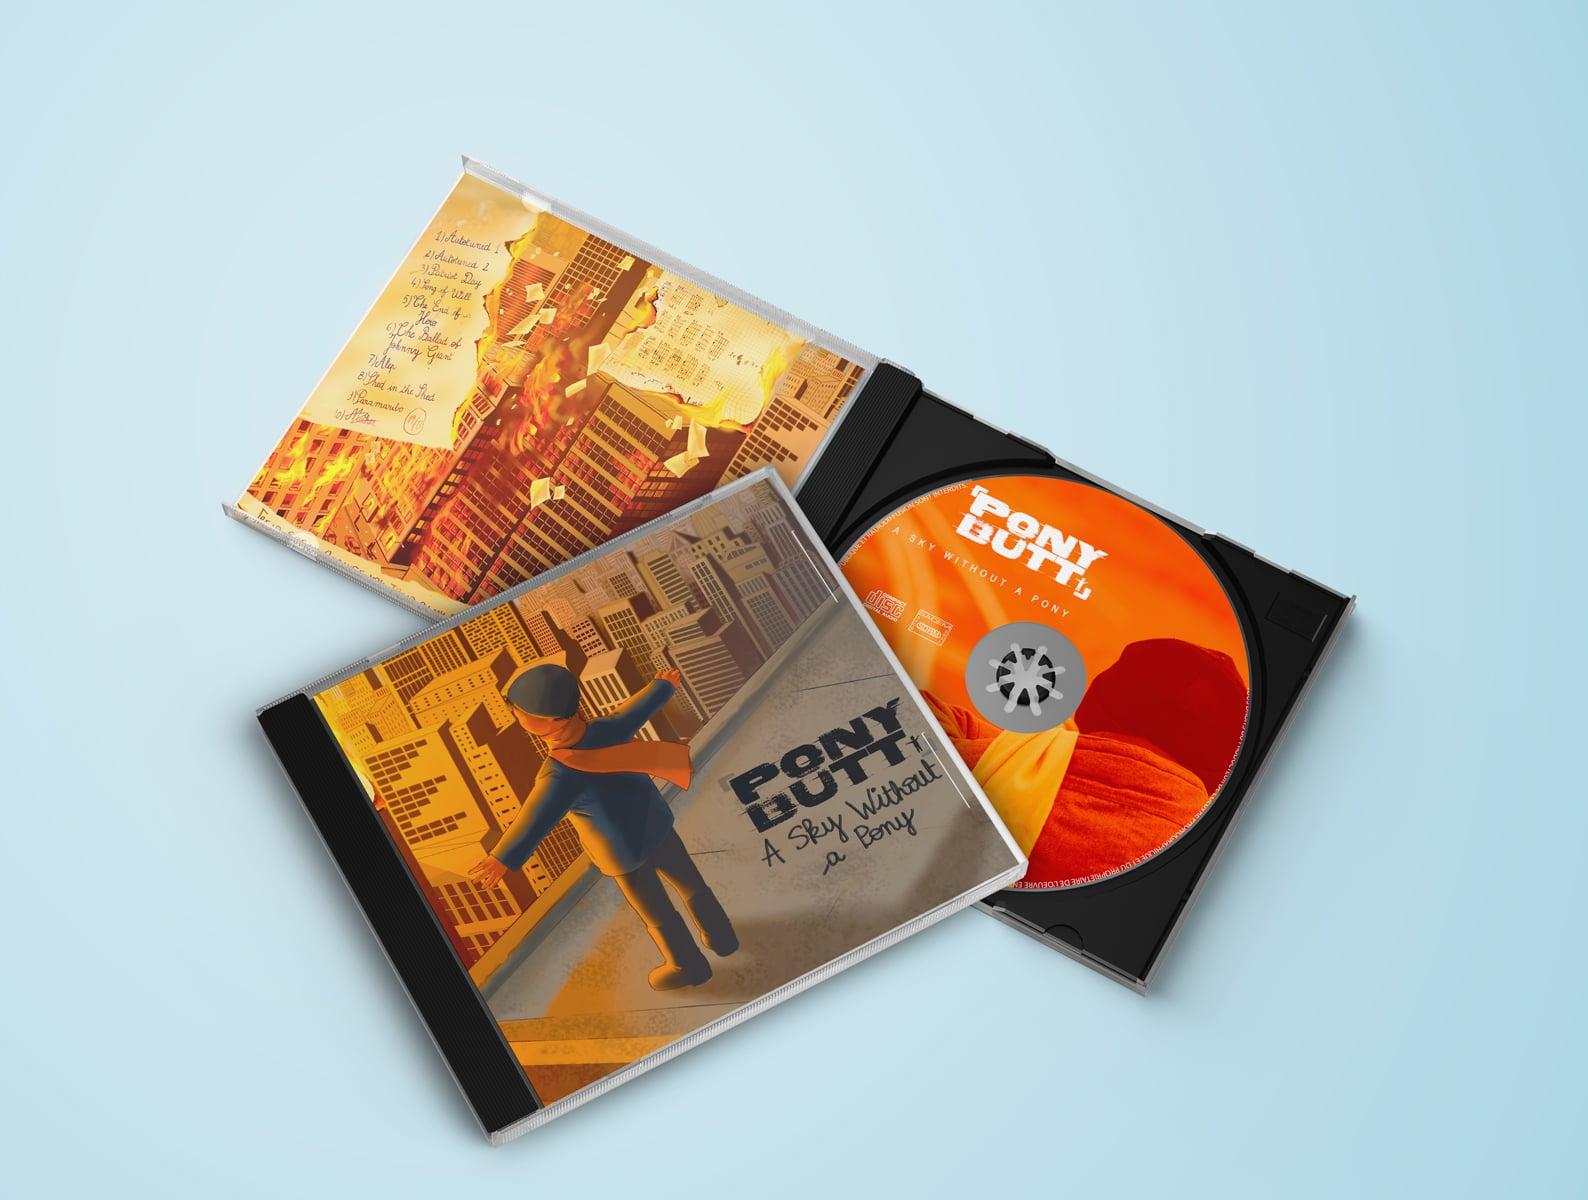 Mise en page et imposition pour le livret CD du groupe Pony Butt